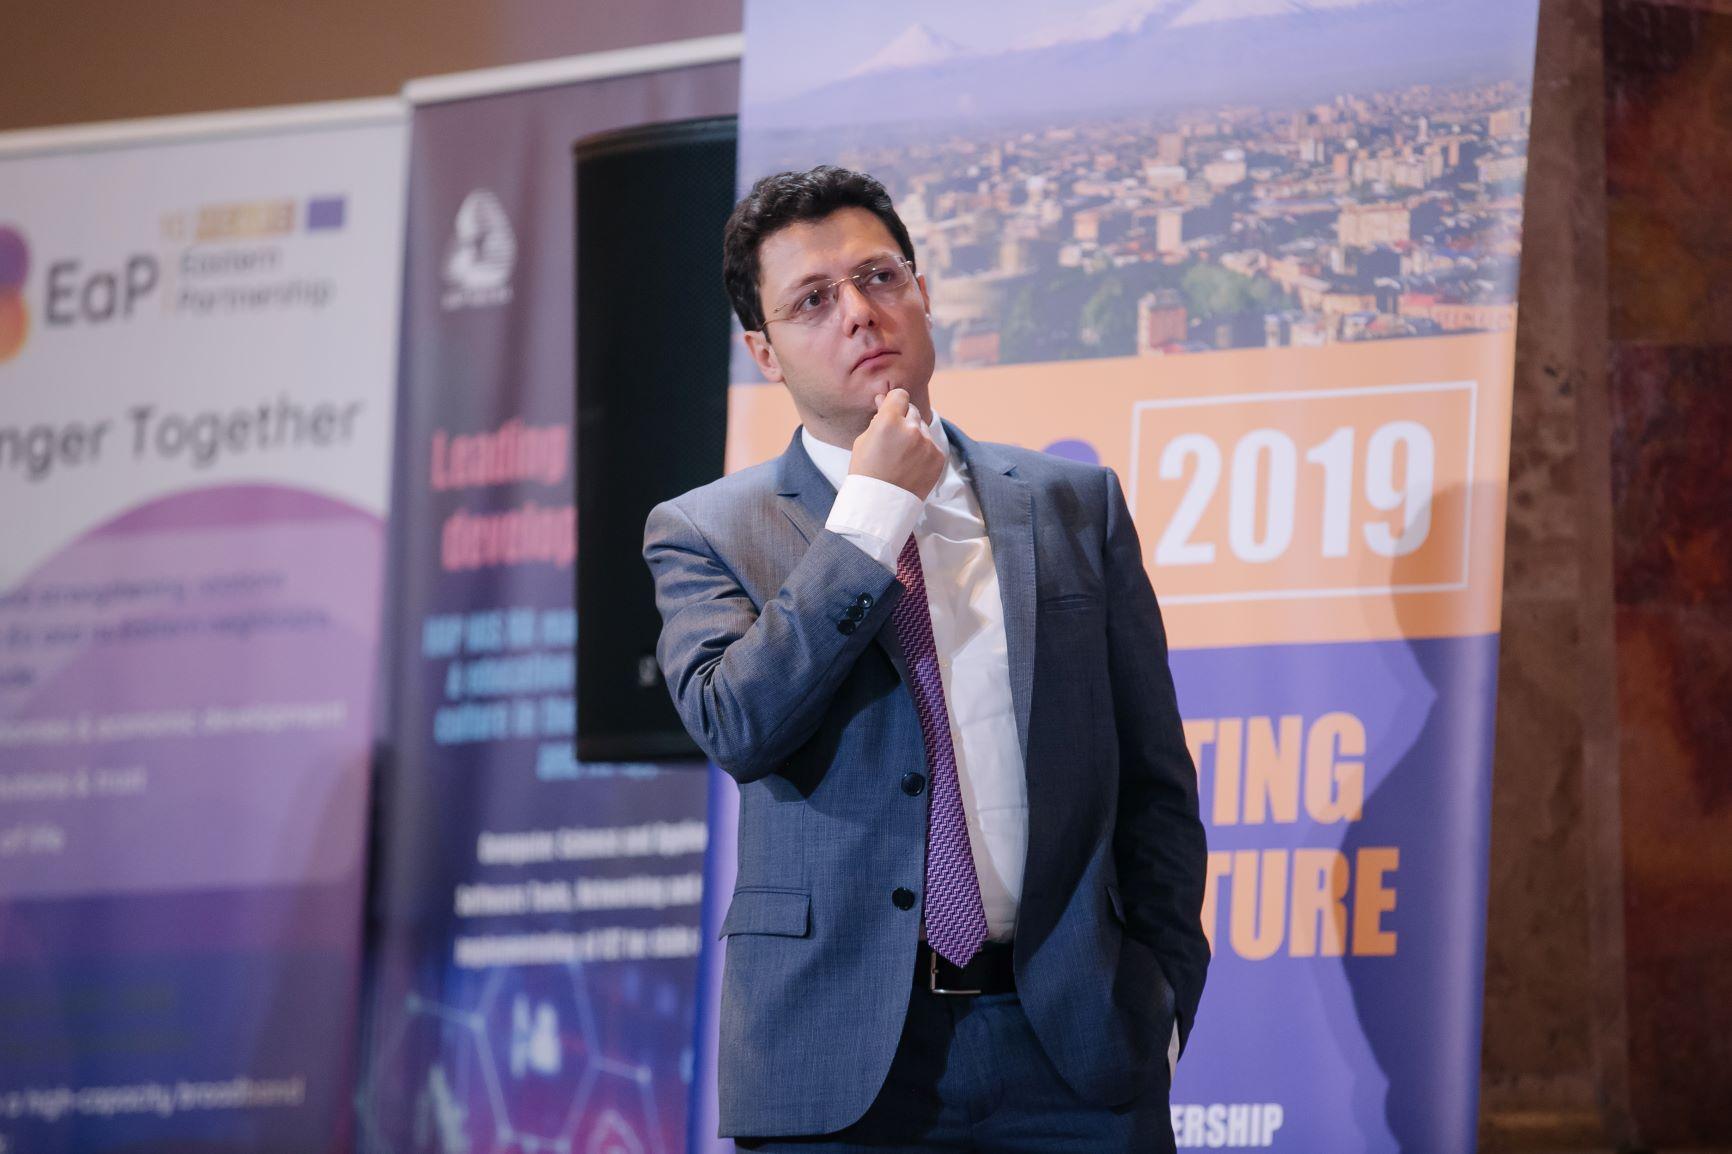 Хайк Шукурян з Лейбницького суперкомп'ютиноговго центру знає майже все про «мотивування» дата-центрів до енергосбереження